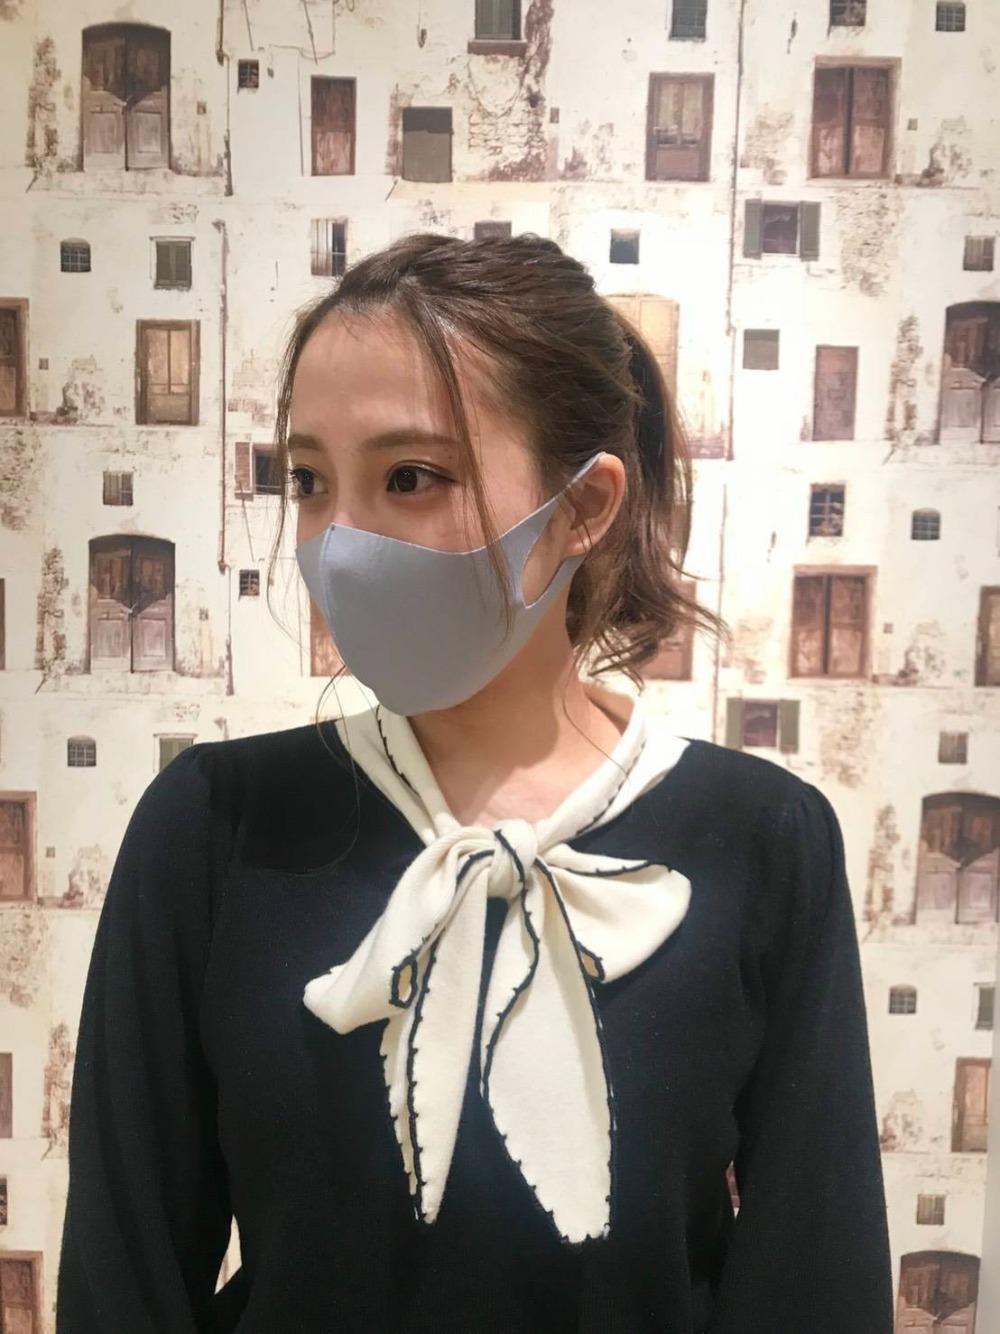 MAJESTIC LEGON佐野プレミアムアウトレット店